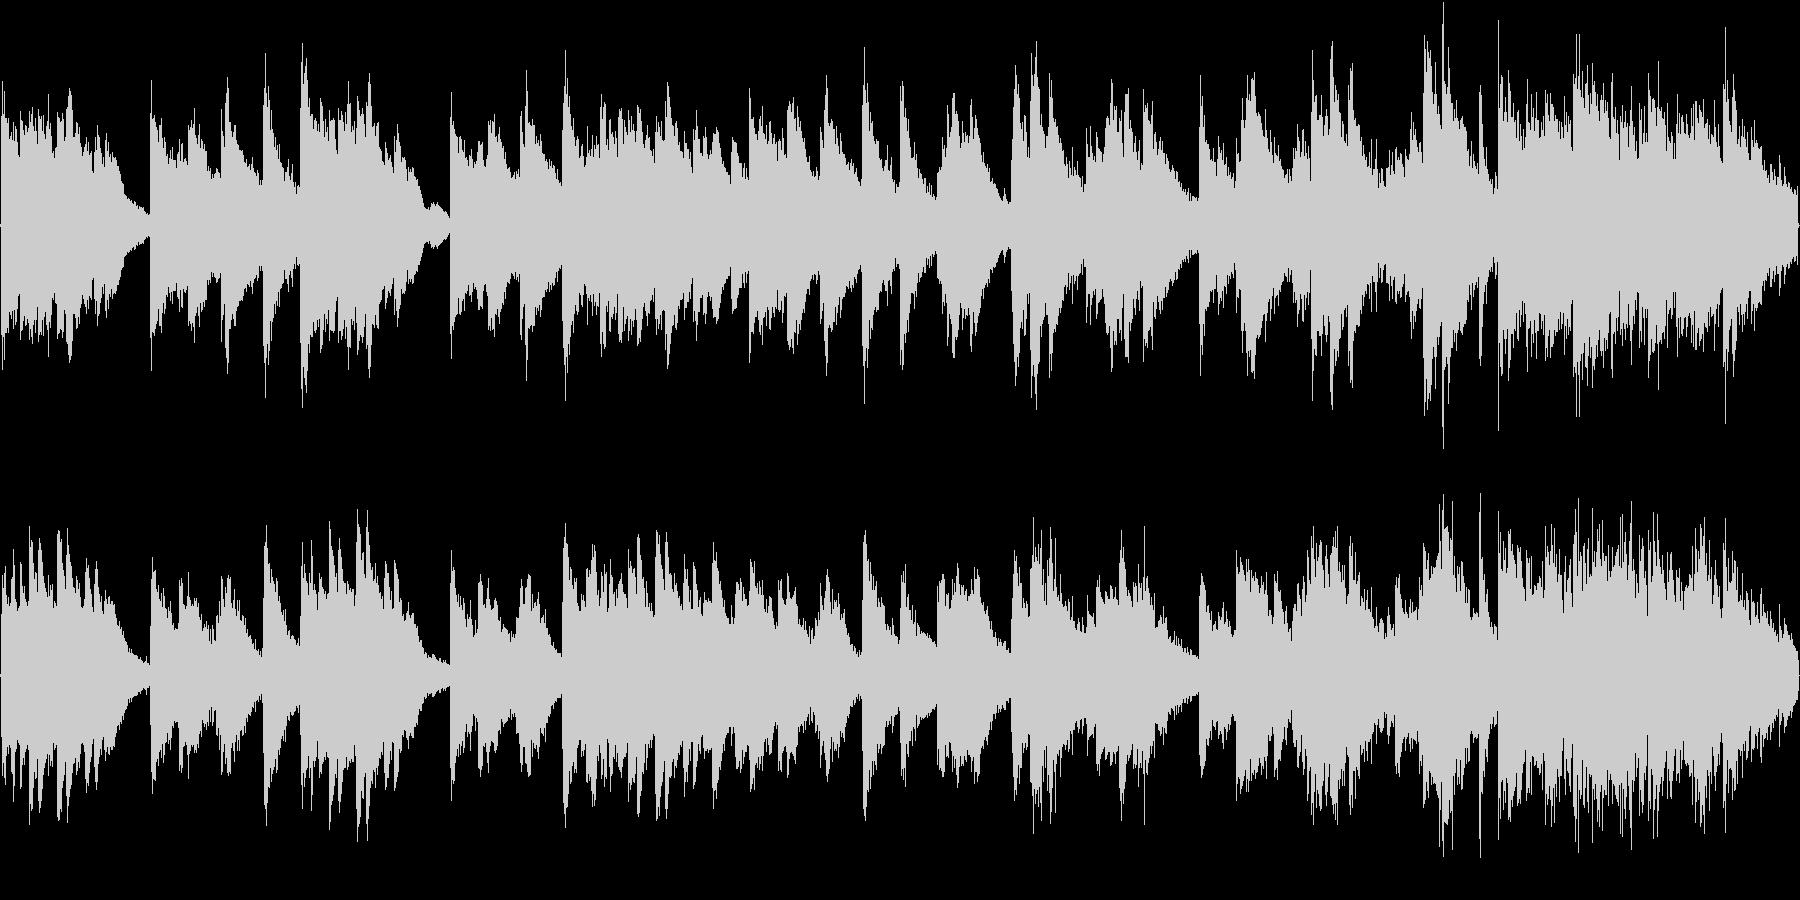 暗い雰囲気のピアノソロ曲(ループ)の未再生の波形